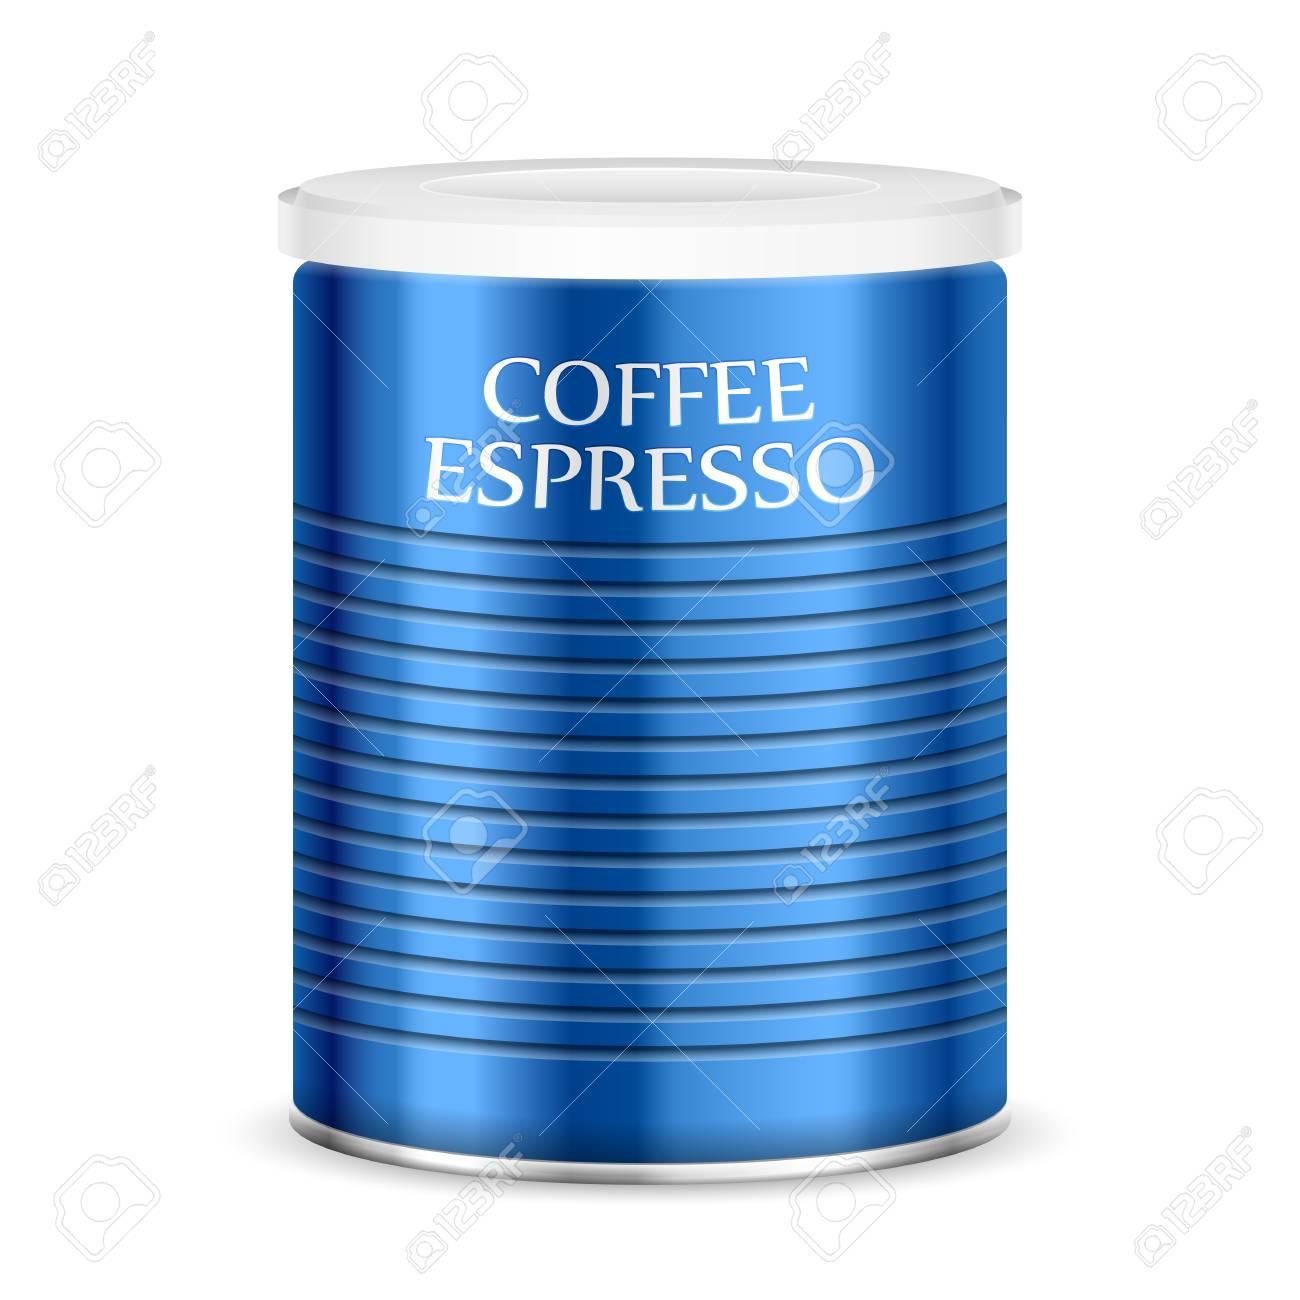 キャニスター コーヒー